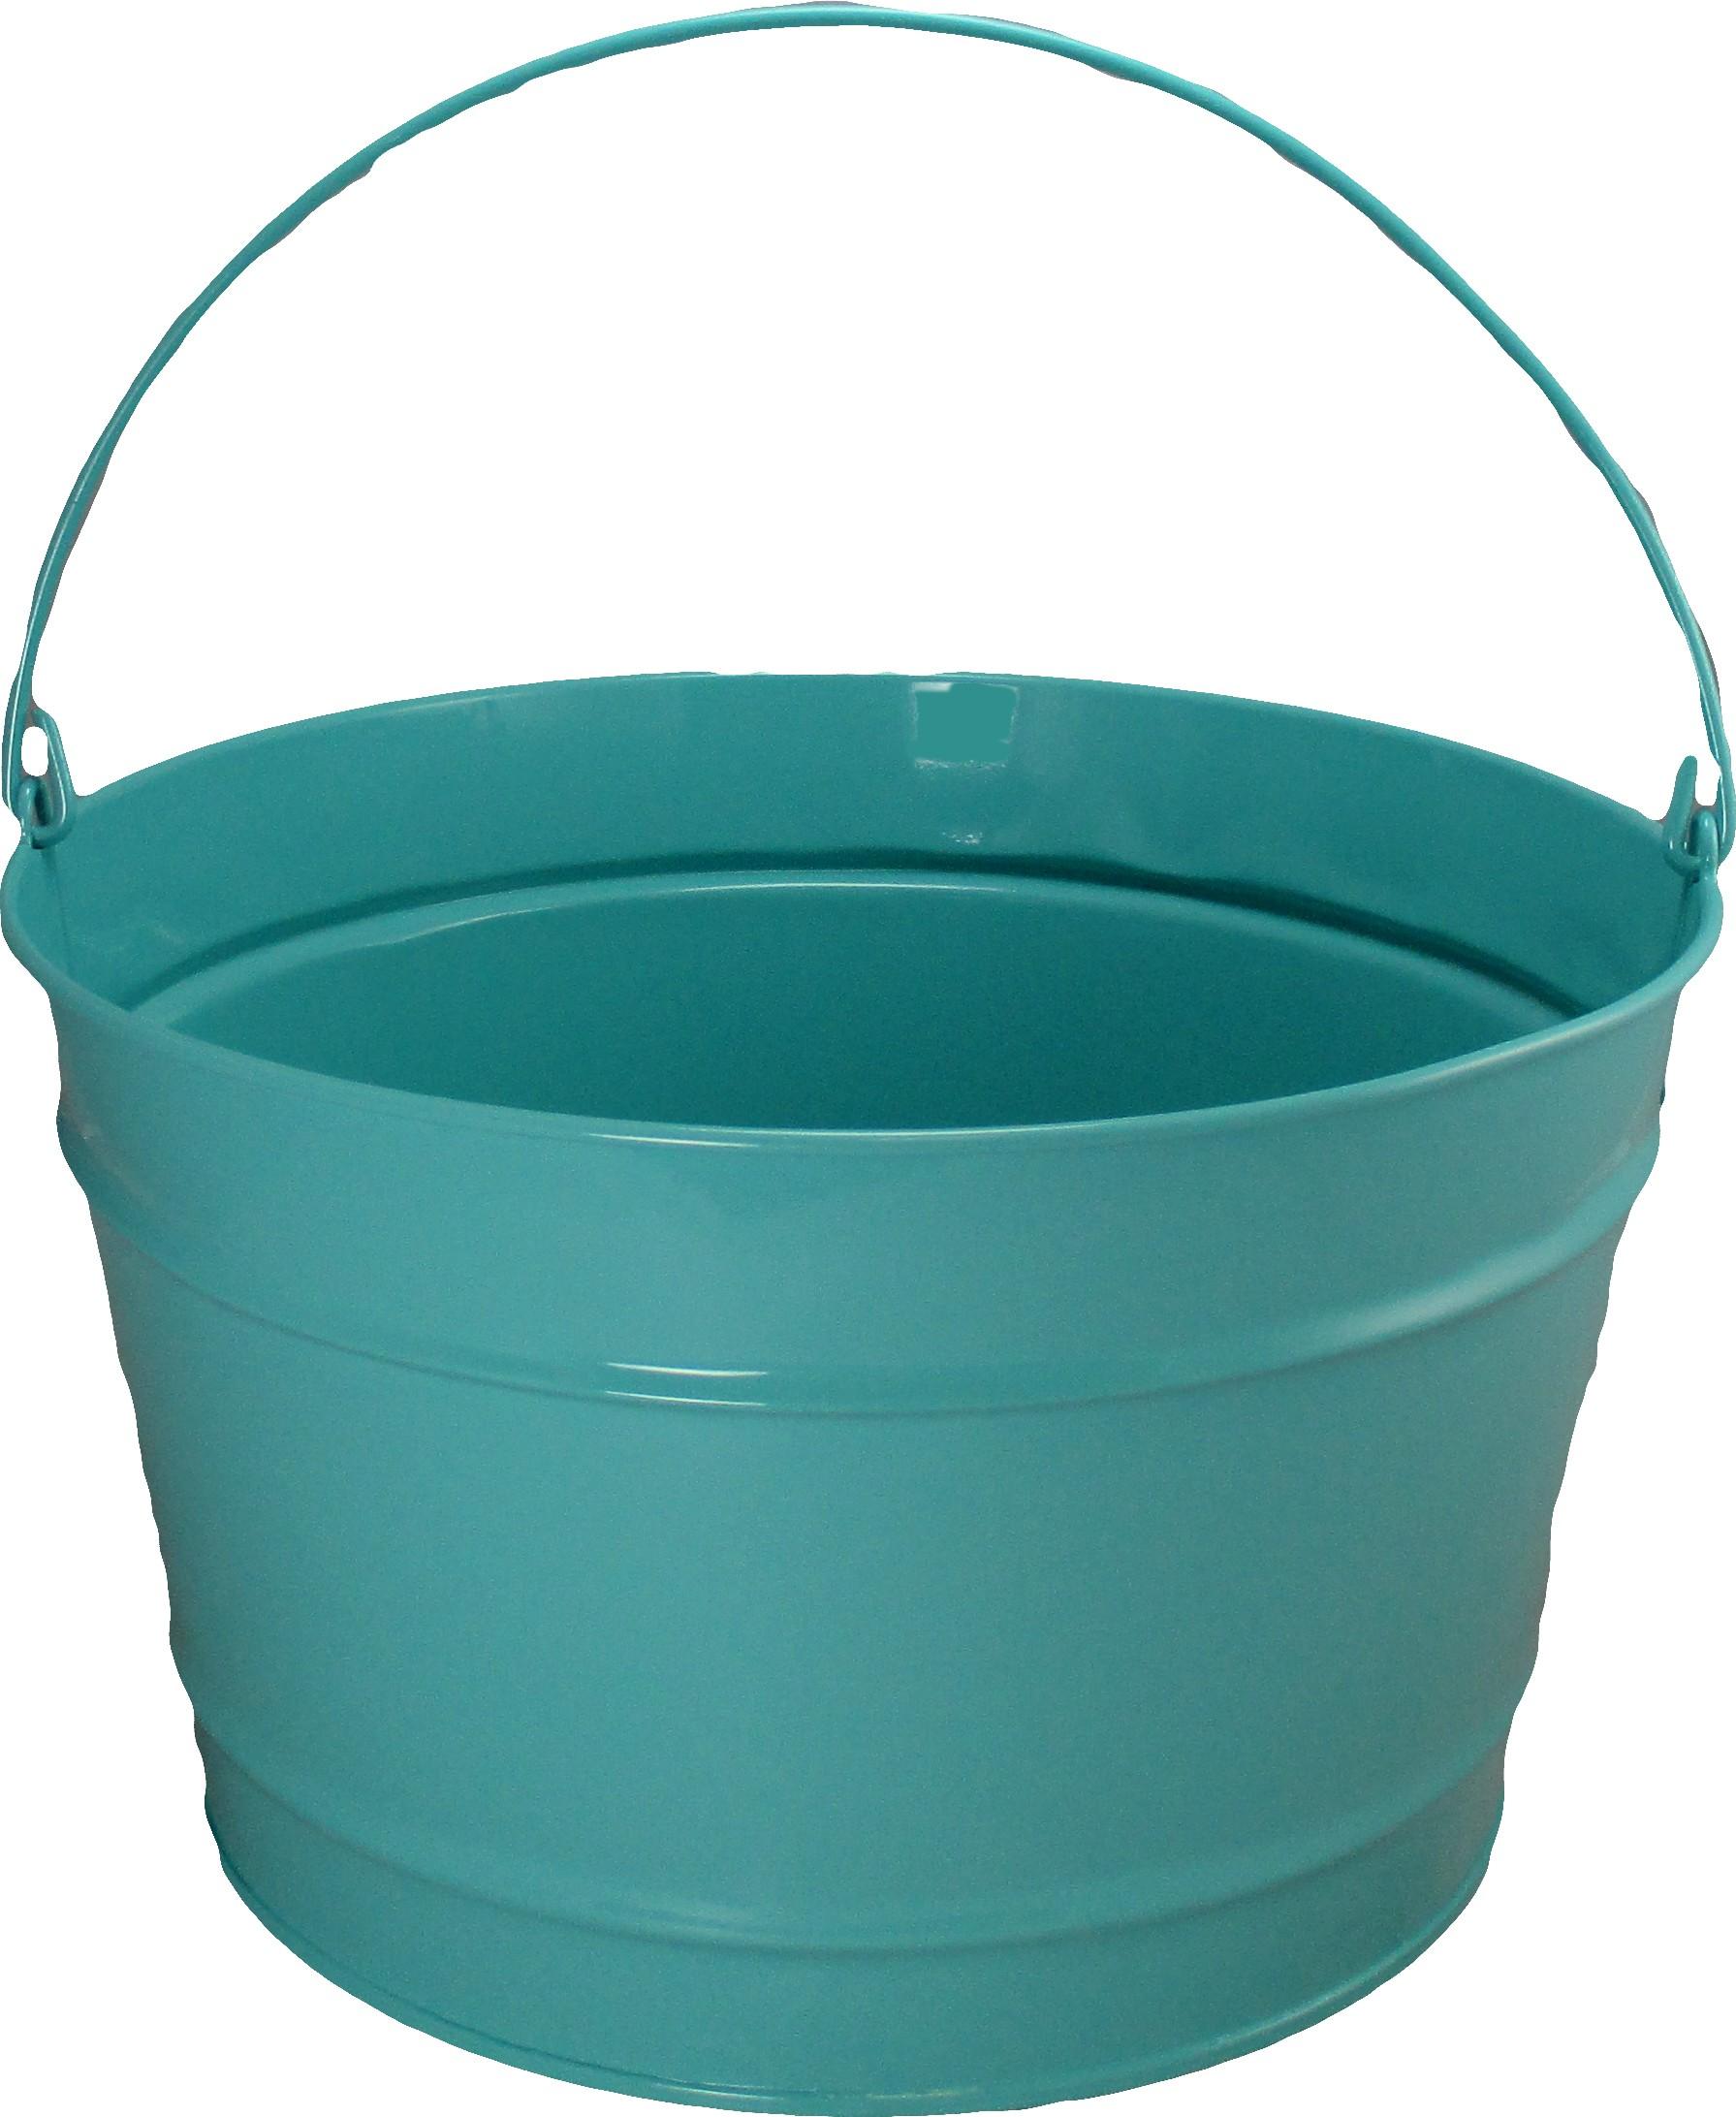 16 Qt Powder Coat Bucket - Robins Egg Blue - 321